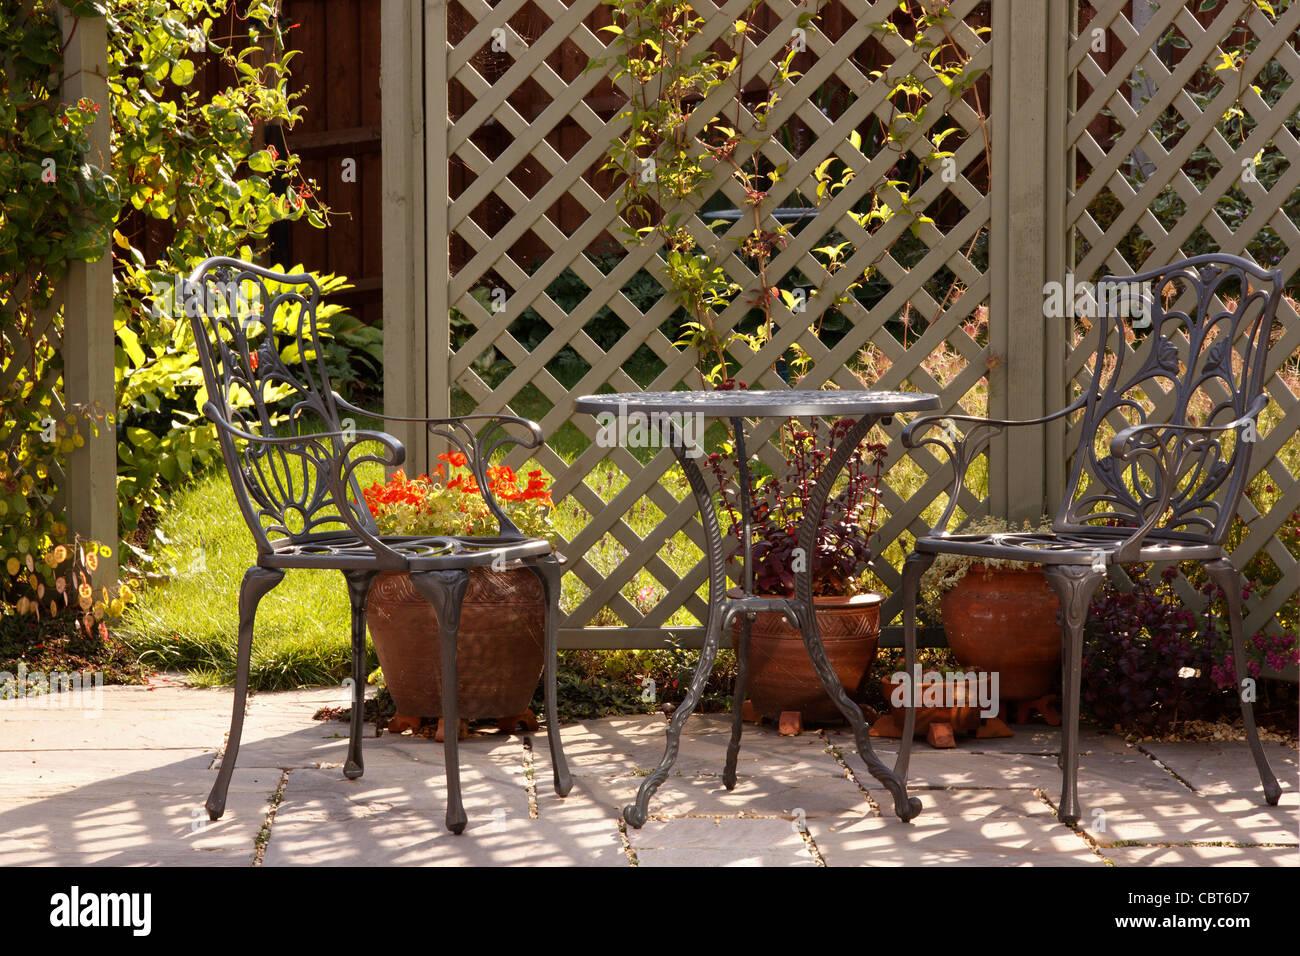 Pergolati Da Giardino In Alluminio : Giardino soleggiato patio con pergolato e ornati in alluminio